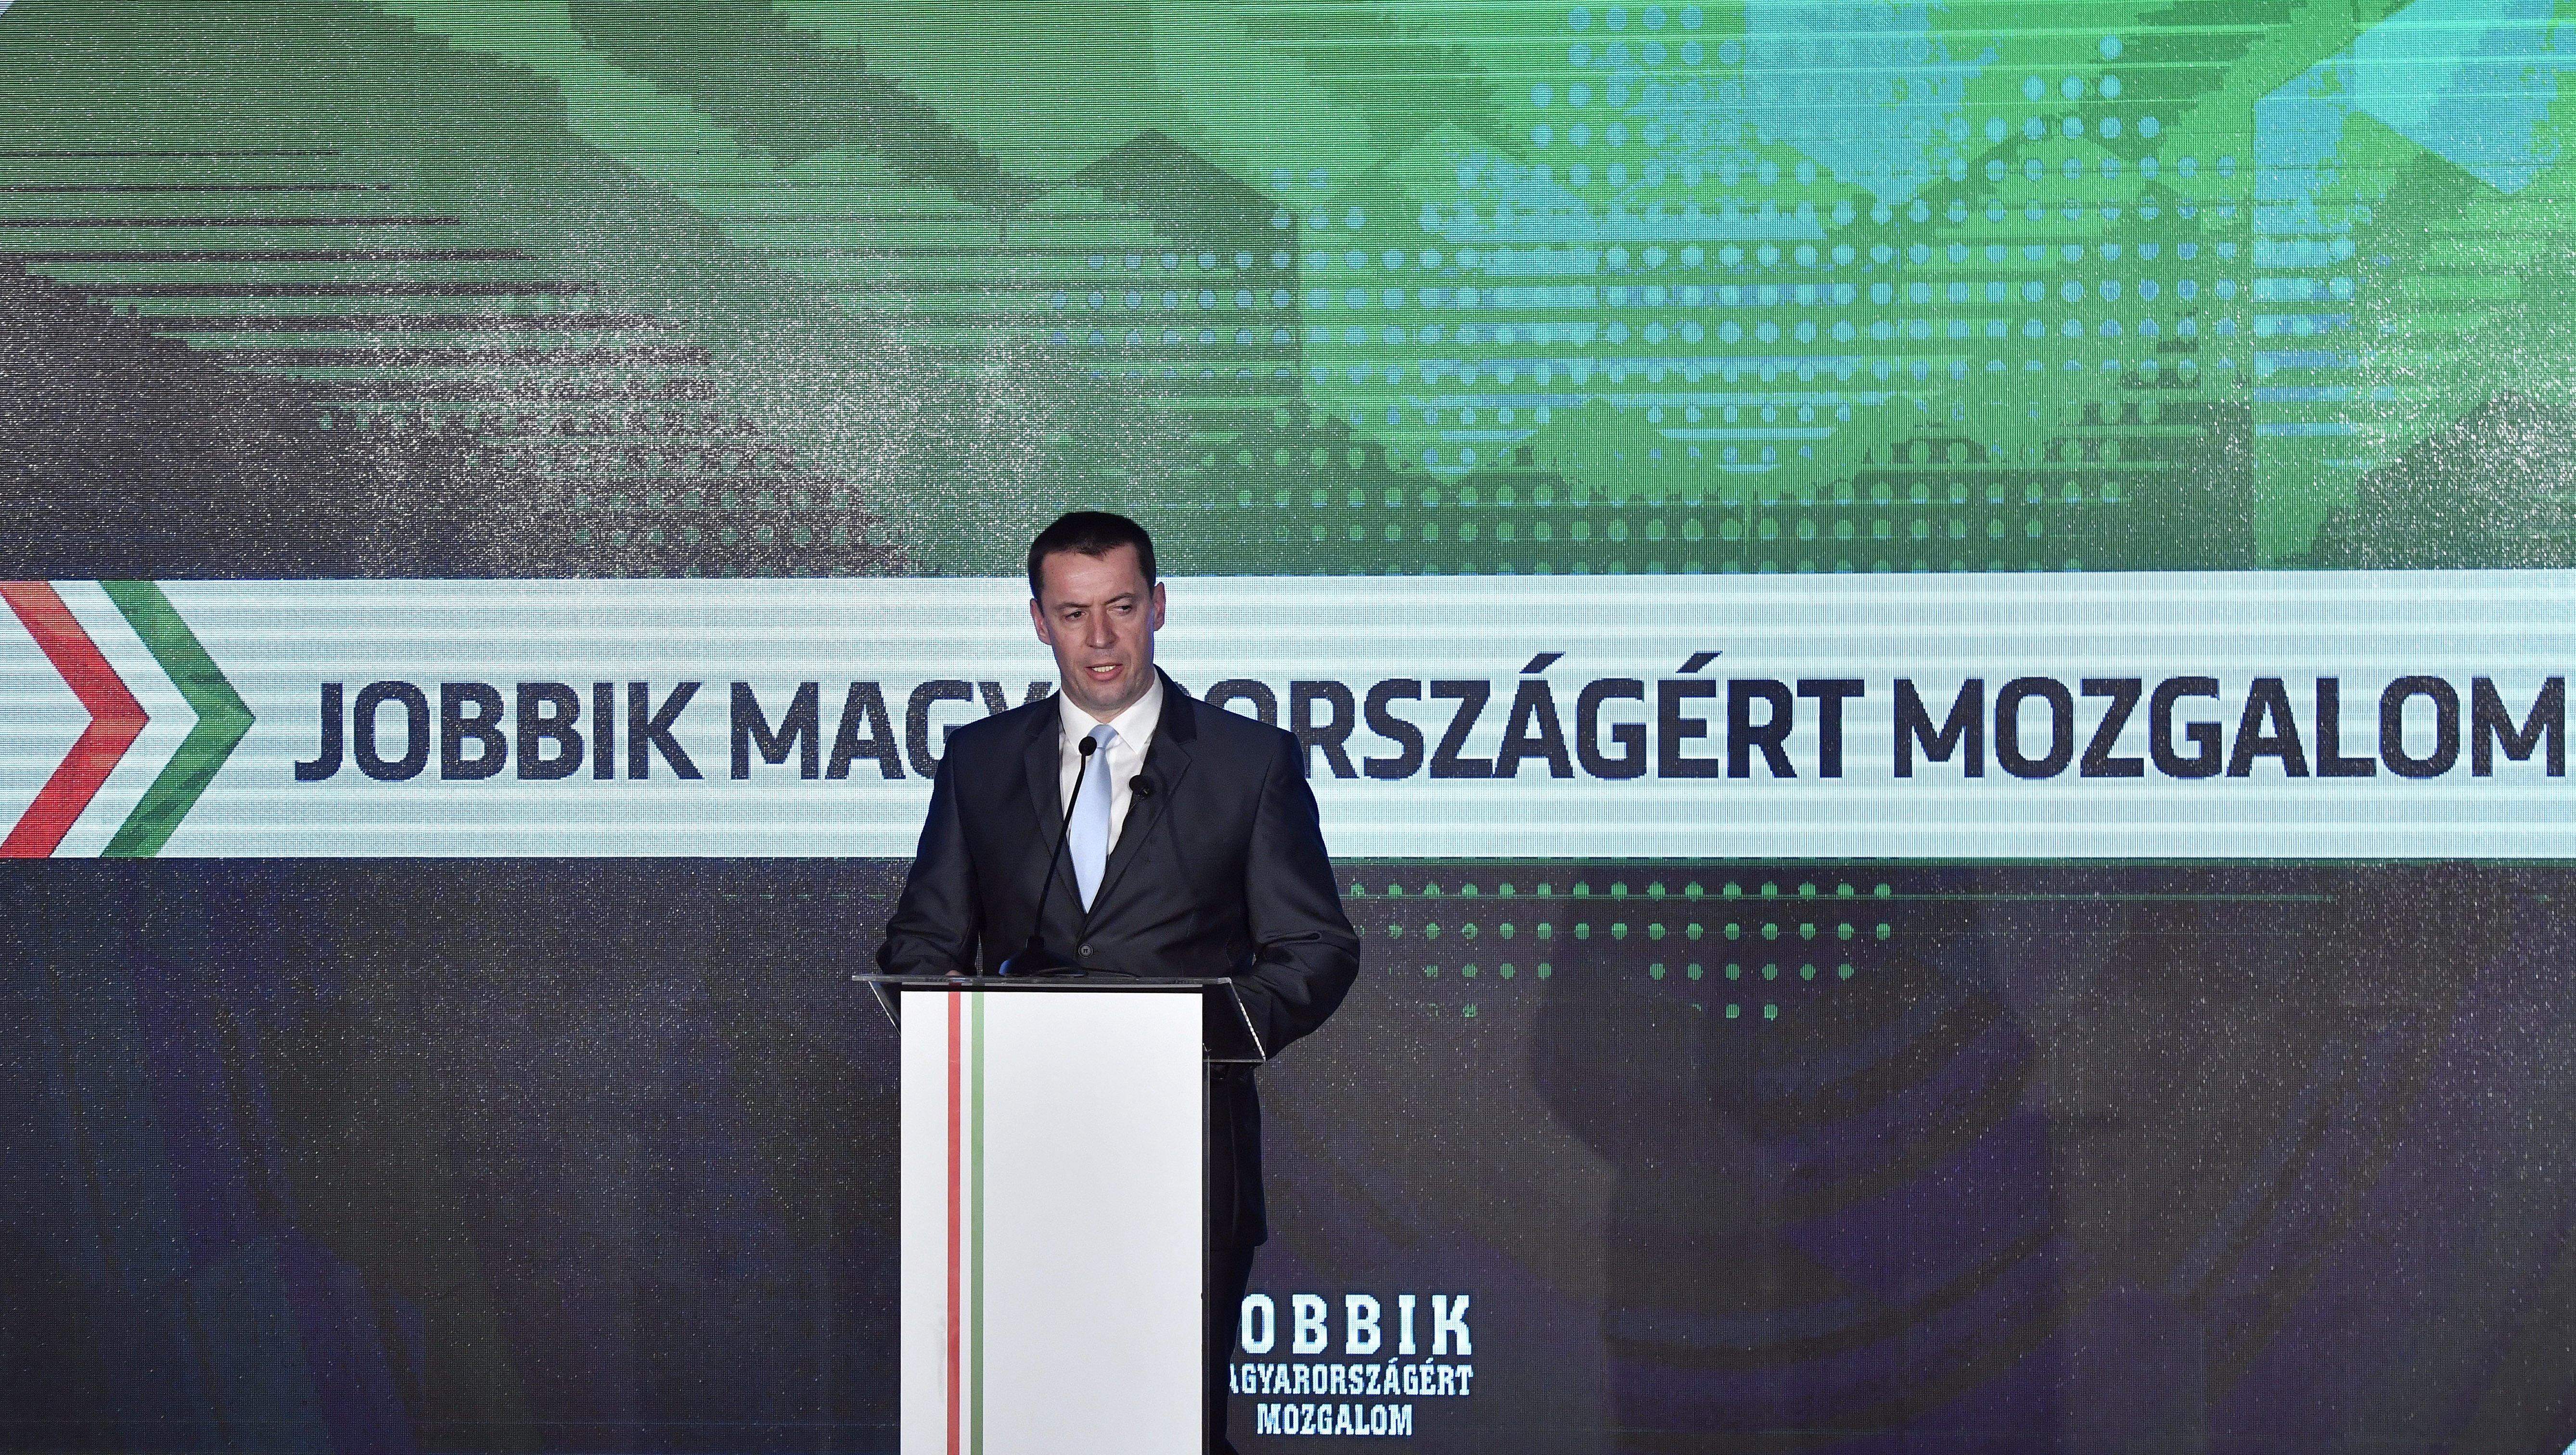 Megengedik a Jobbiknak, hogy részletekben fizesse be a majdnem egymilliárdos bírságát